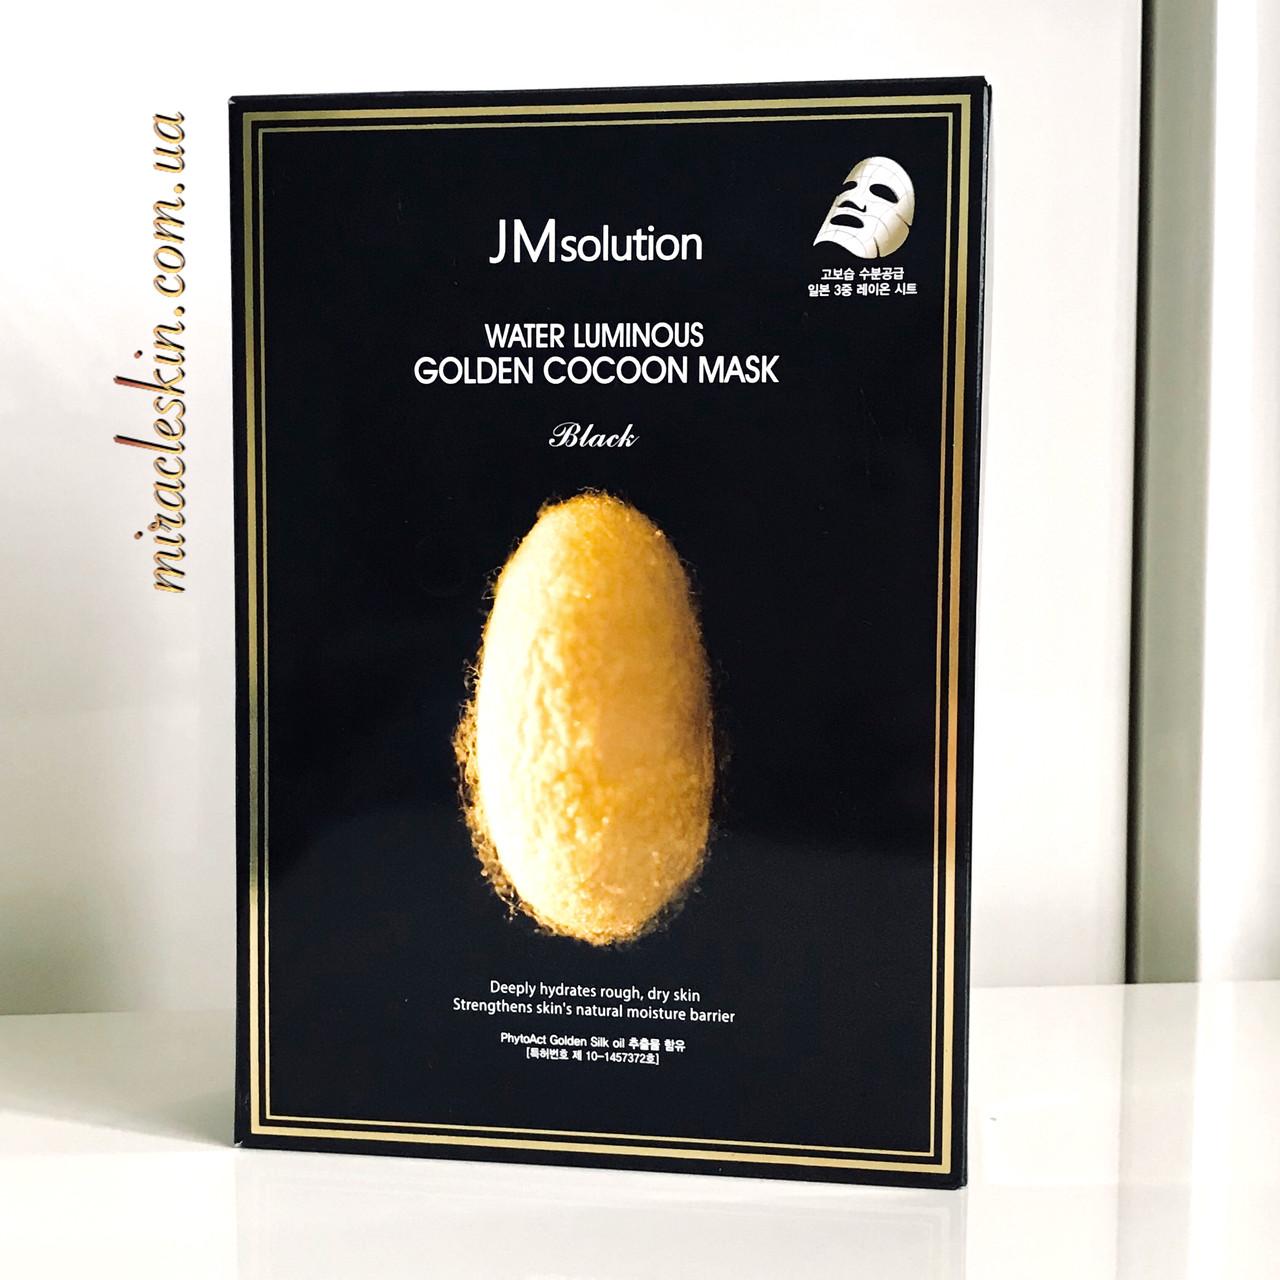 Тканевая маскас экстрактом золотого шелкопряда  JM solution Water Luminous Golden Cocoon Mask Black  45мл